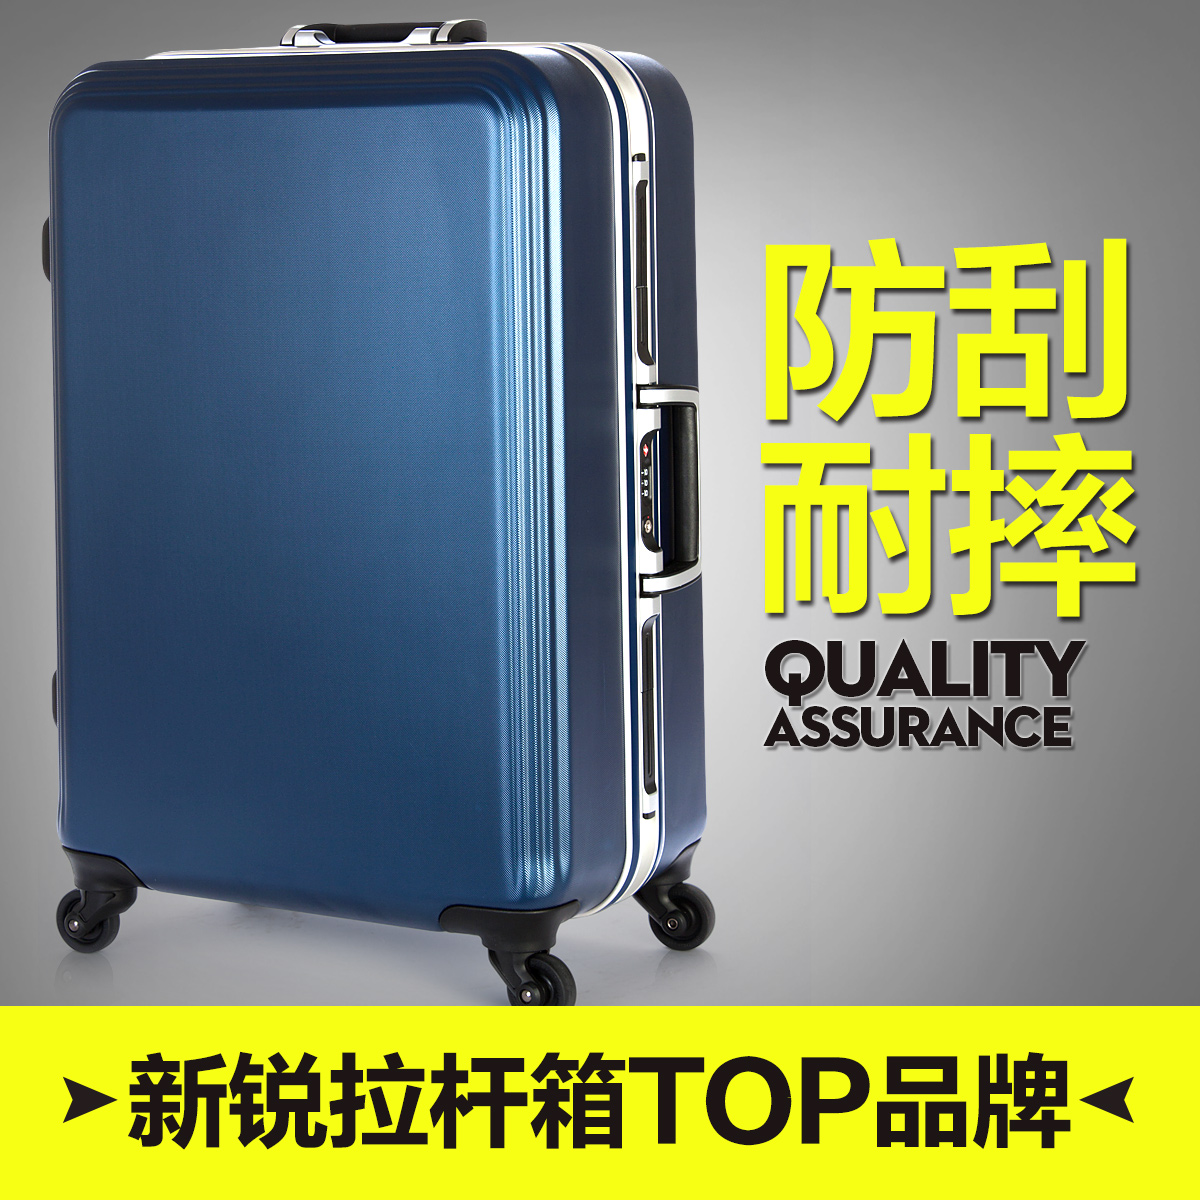 蒙特布朗鋁框拉桿箱旅行箱包行李箱男女 登機箱子託運箱商務皮箱